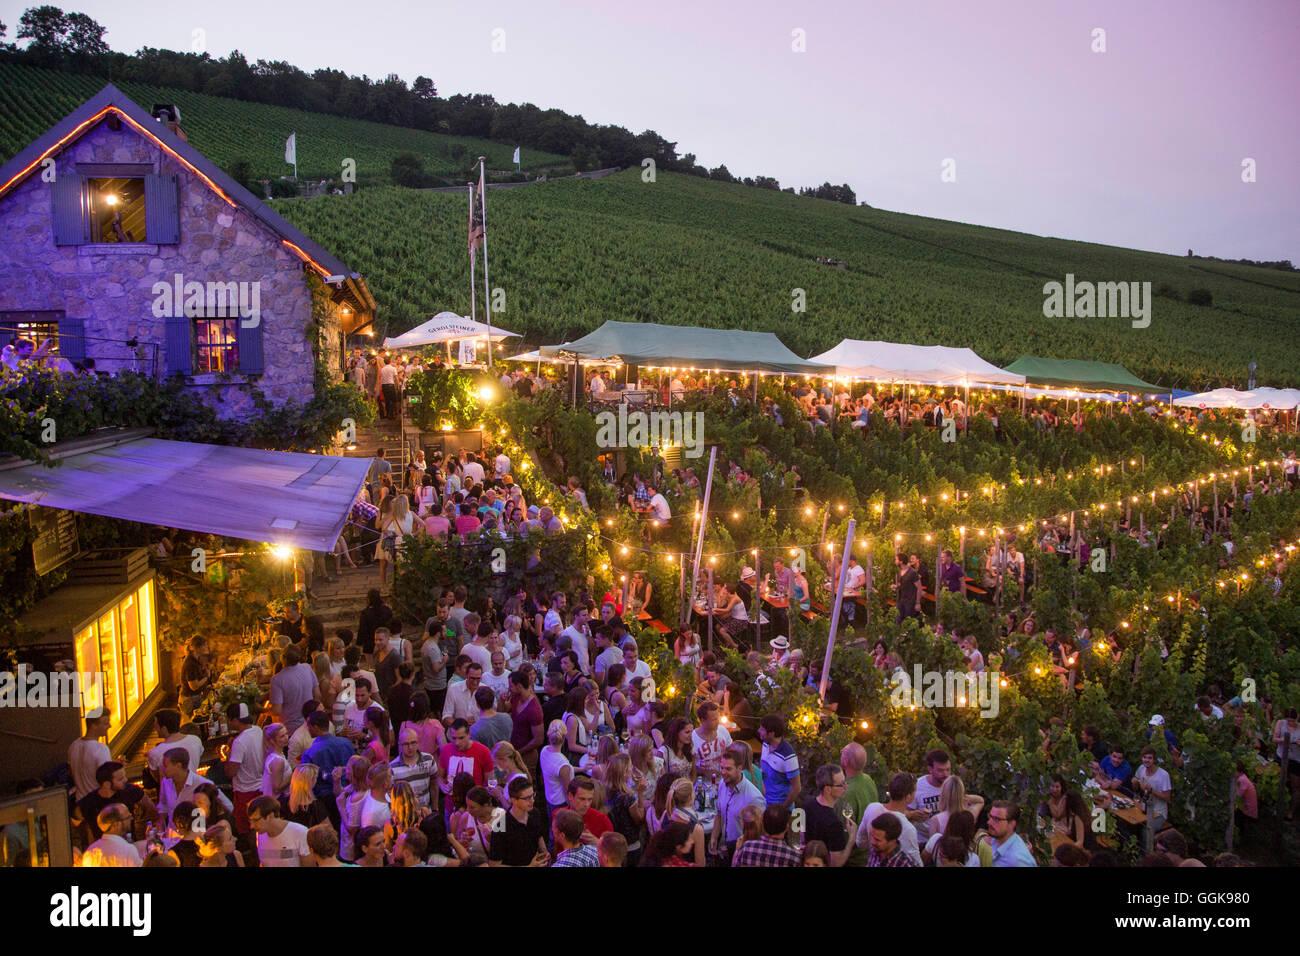 Menschen bei Hoffest Feier im Weingut bin Stein Weingut in der Abenddämmerung, Würzburg, Franken, Bayern, Stockbild